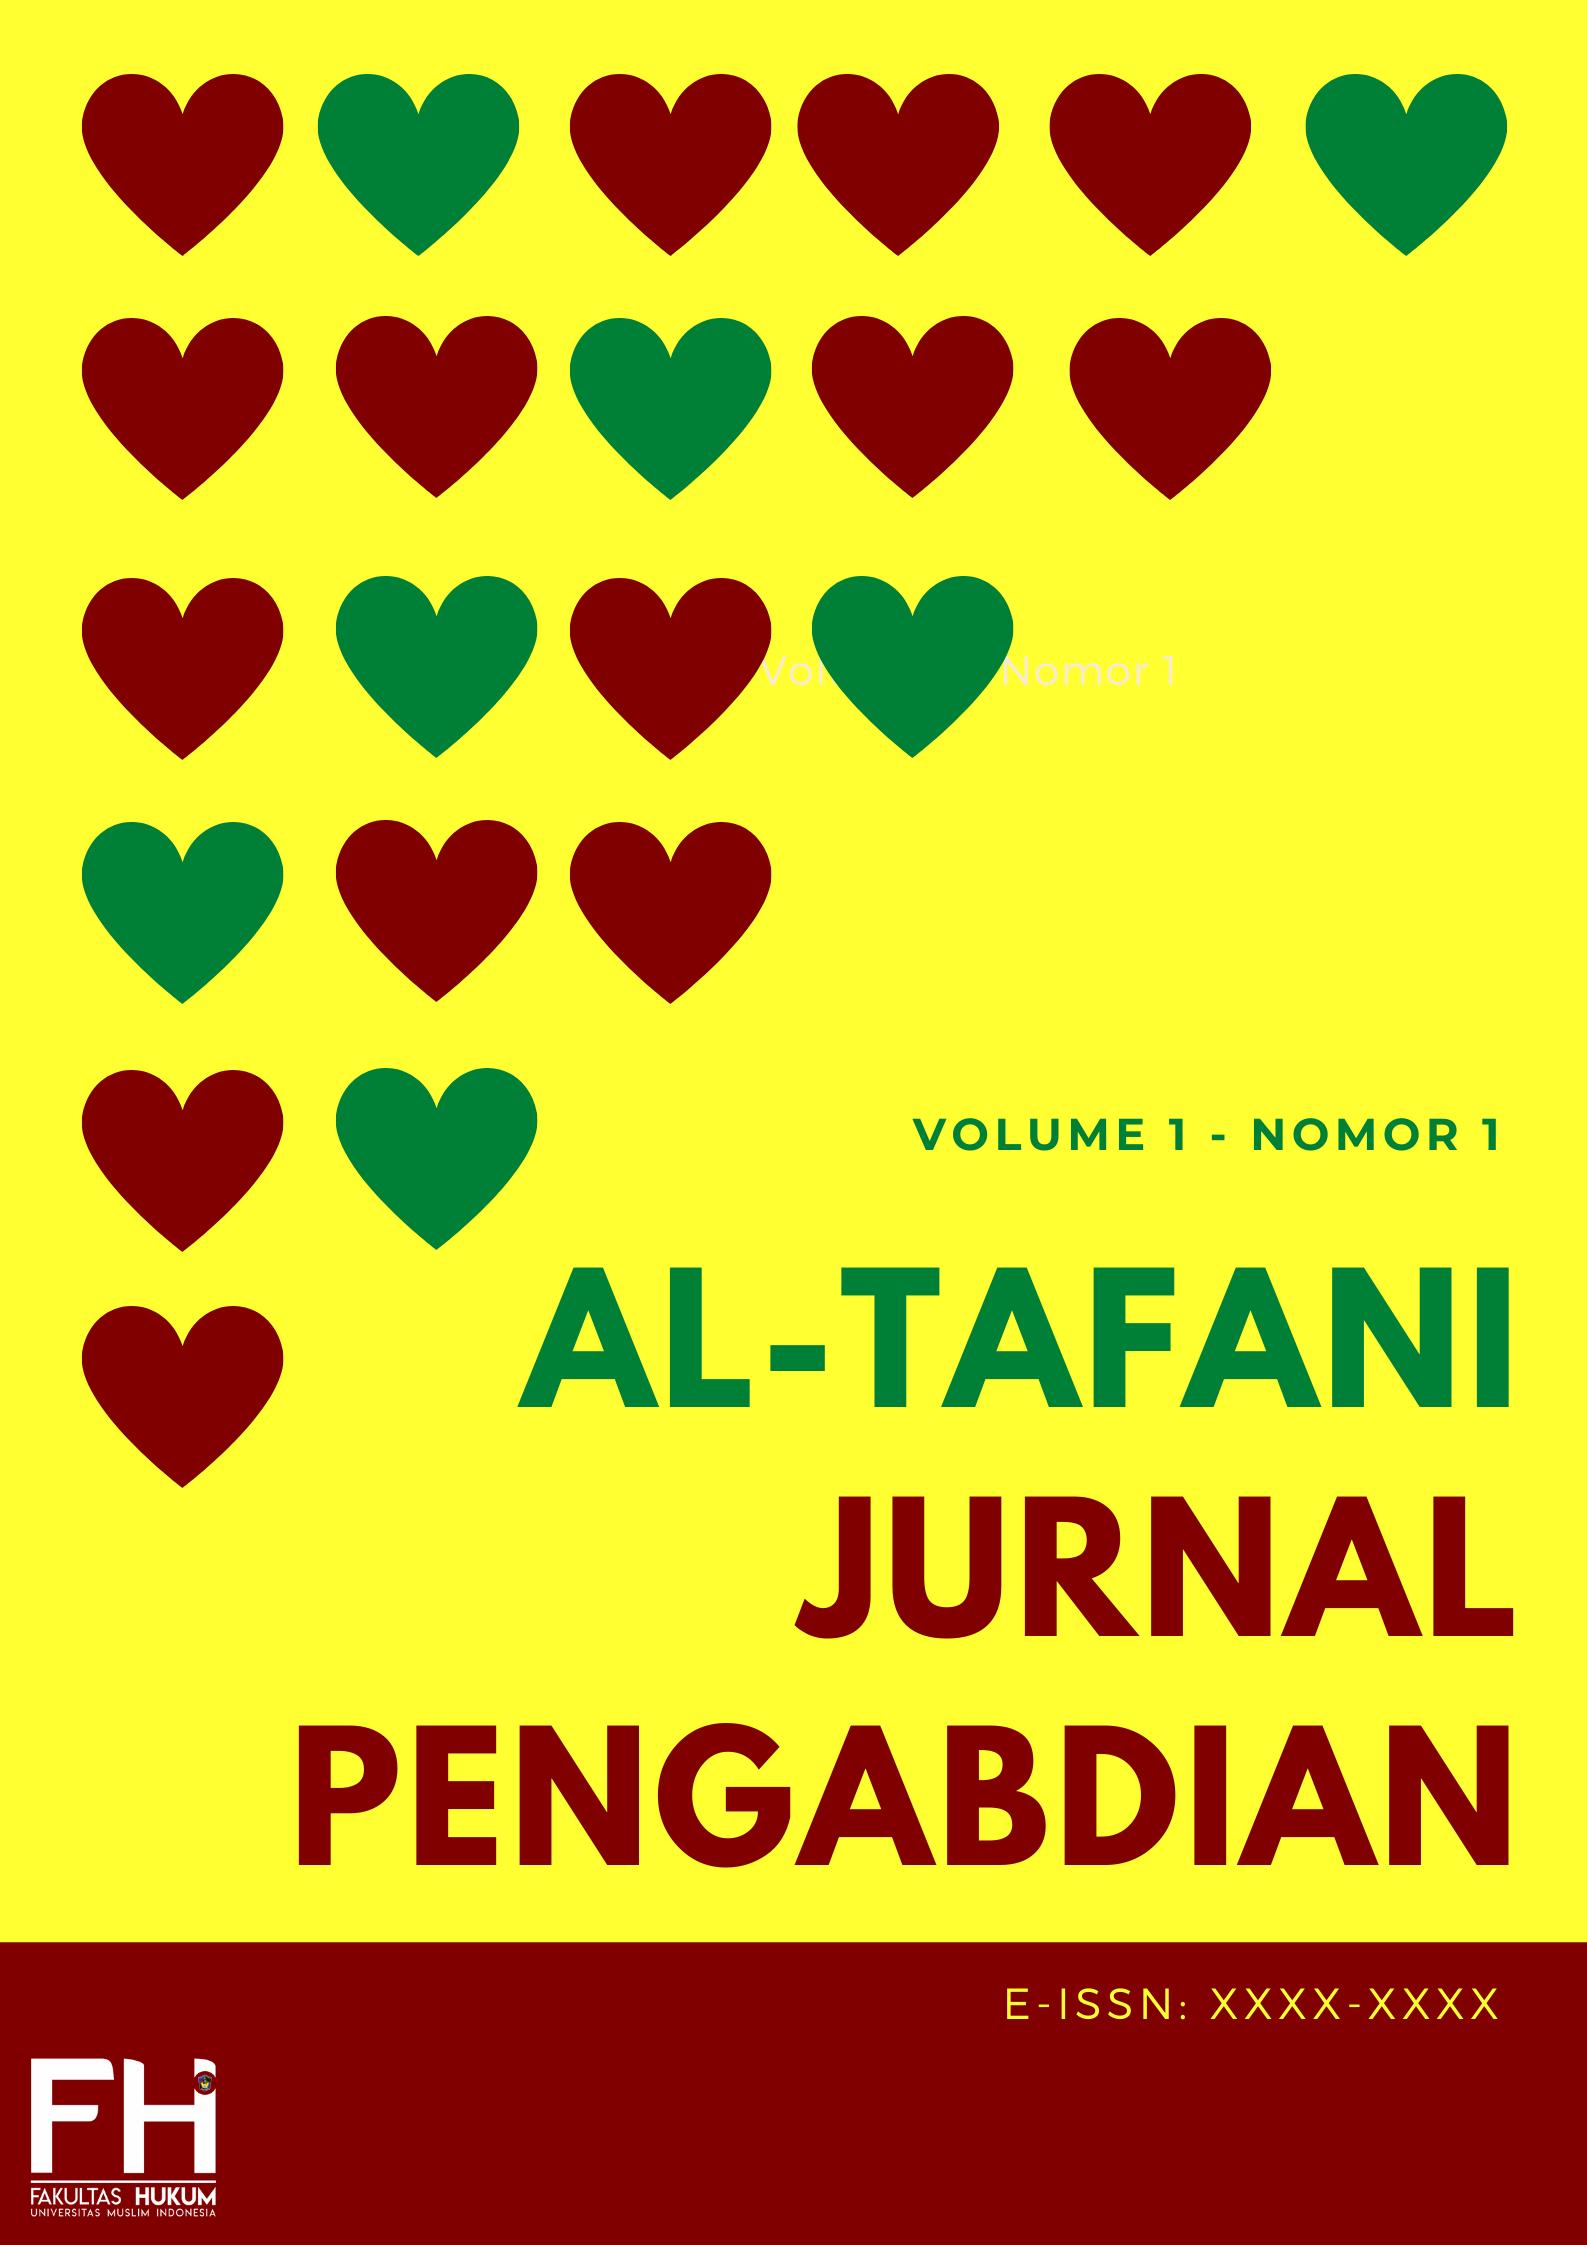 jurnal pengabdian; fakultas hukum; jurnal hukum; fhumi; al-tafani; tafani;